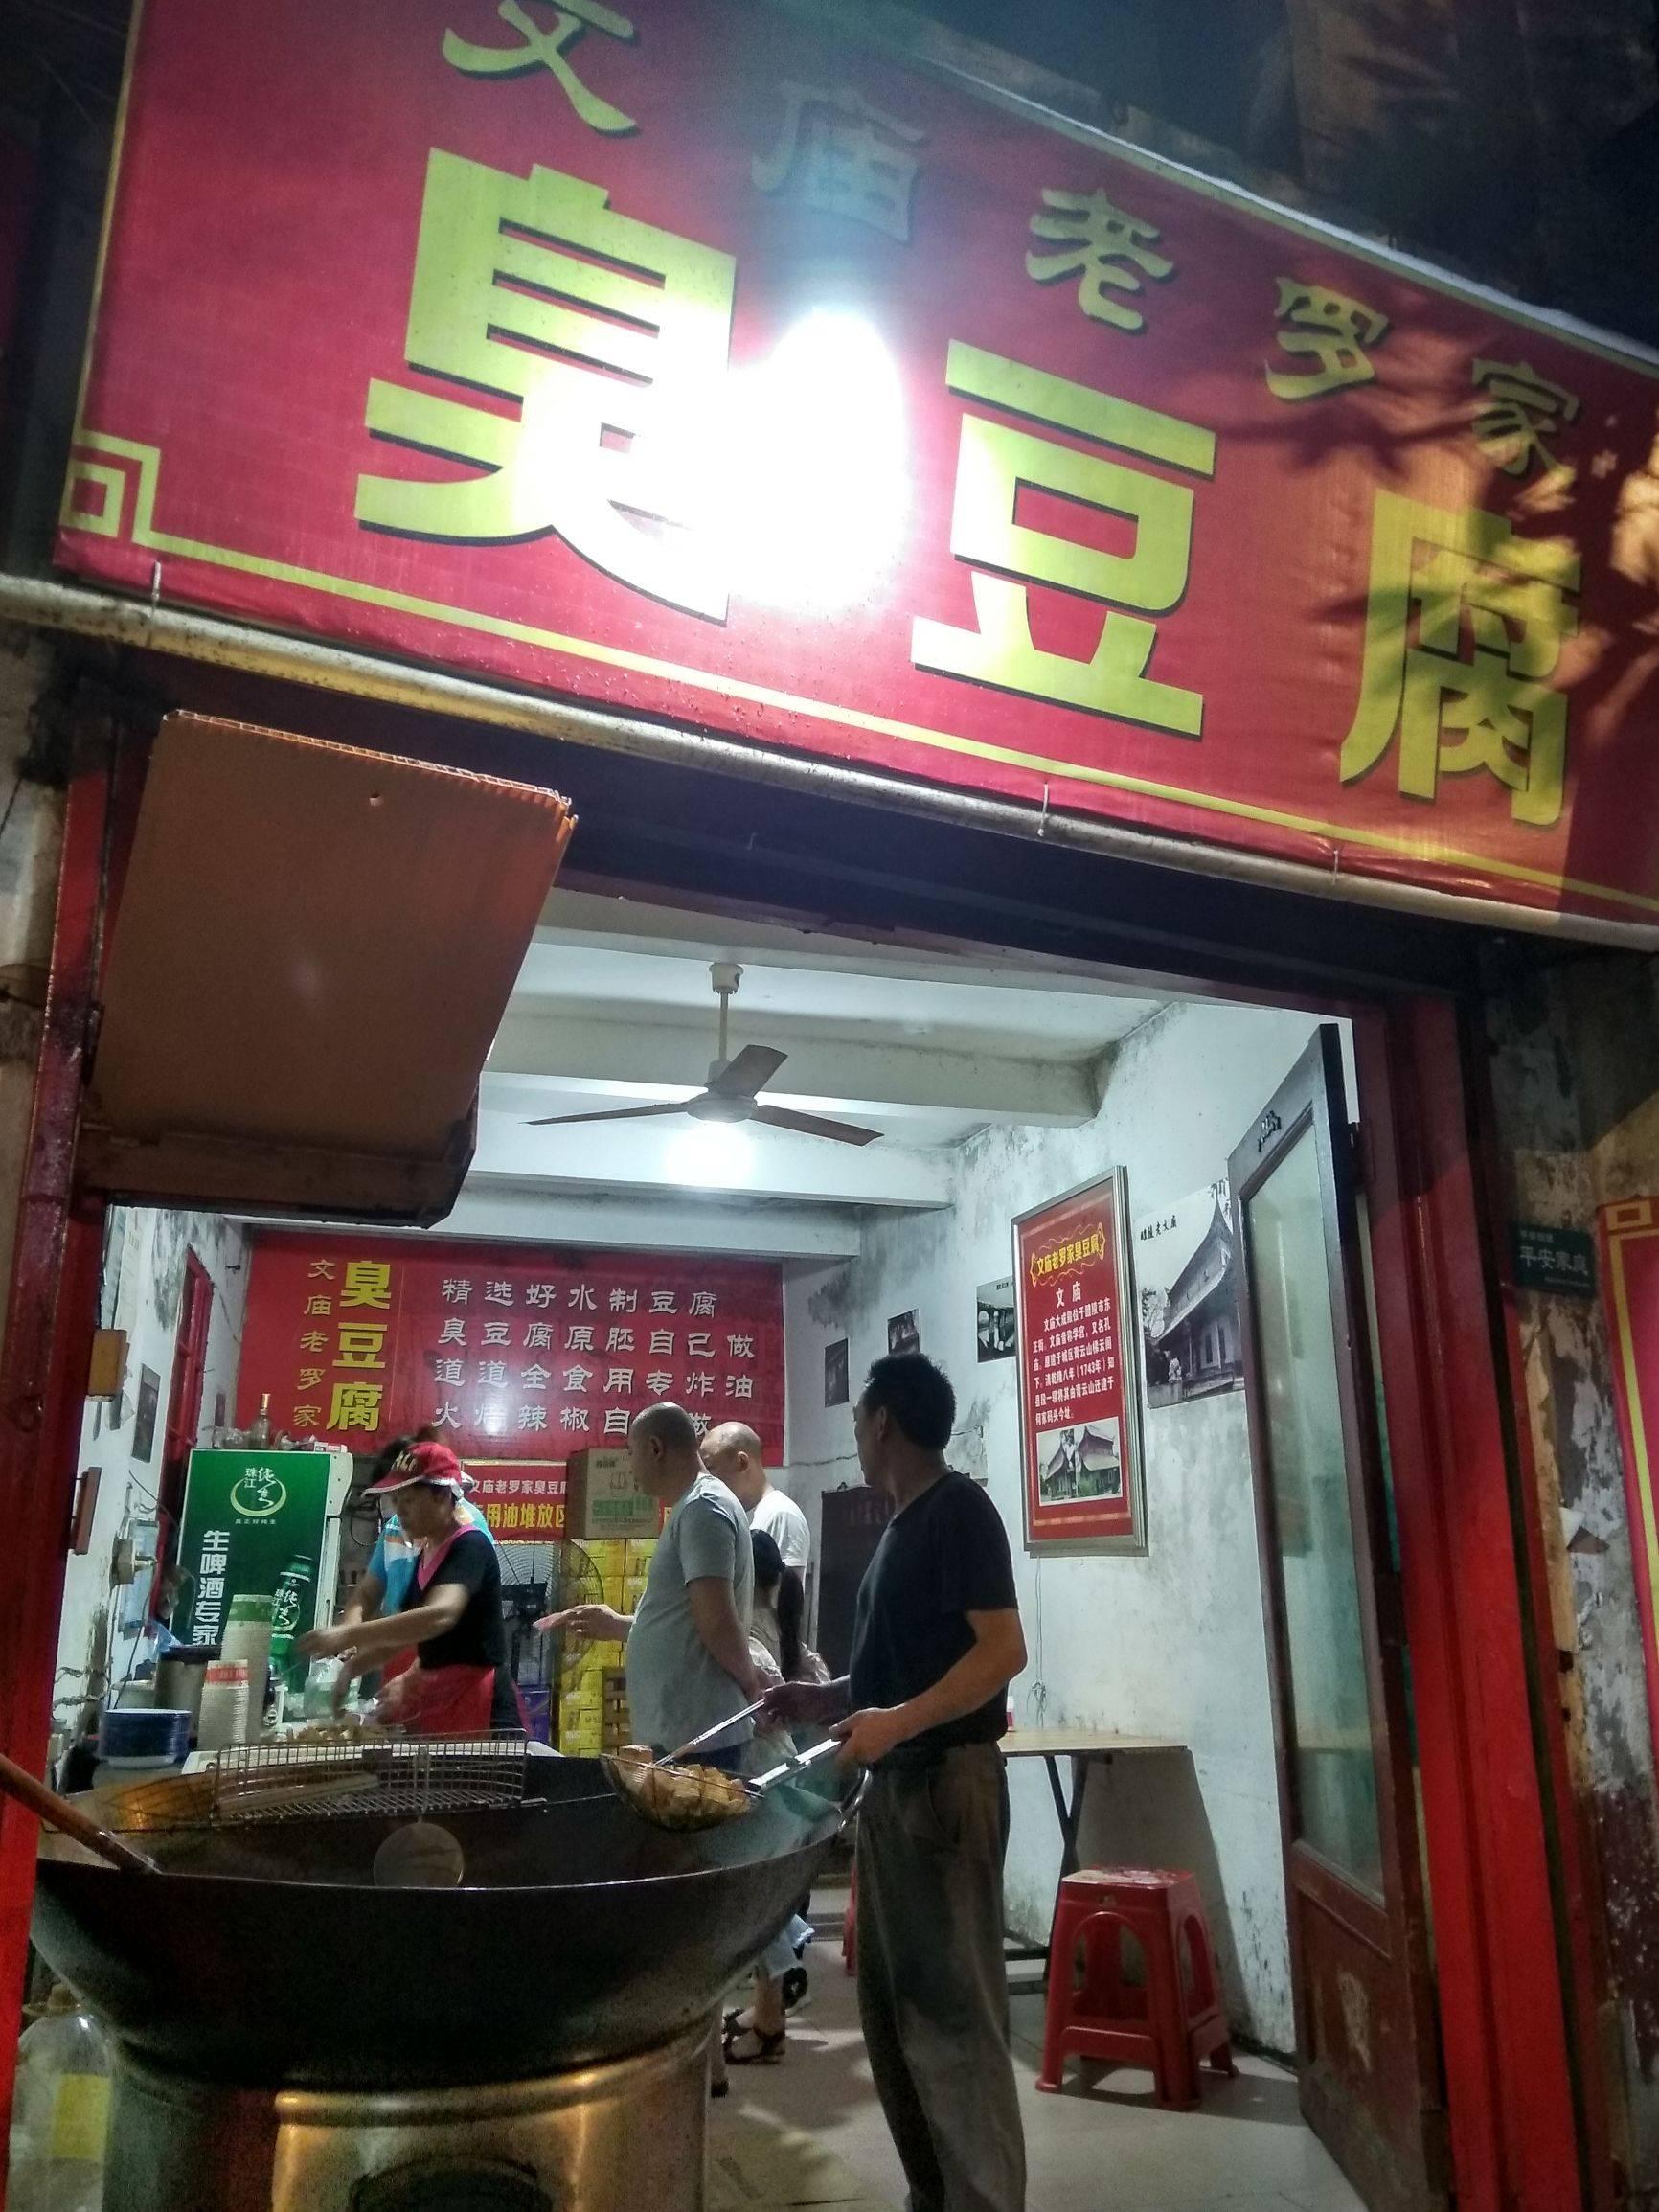 卖臭豆腐的成本和利润(卖臭豆腐的配方是什么)插图(3)